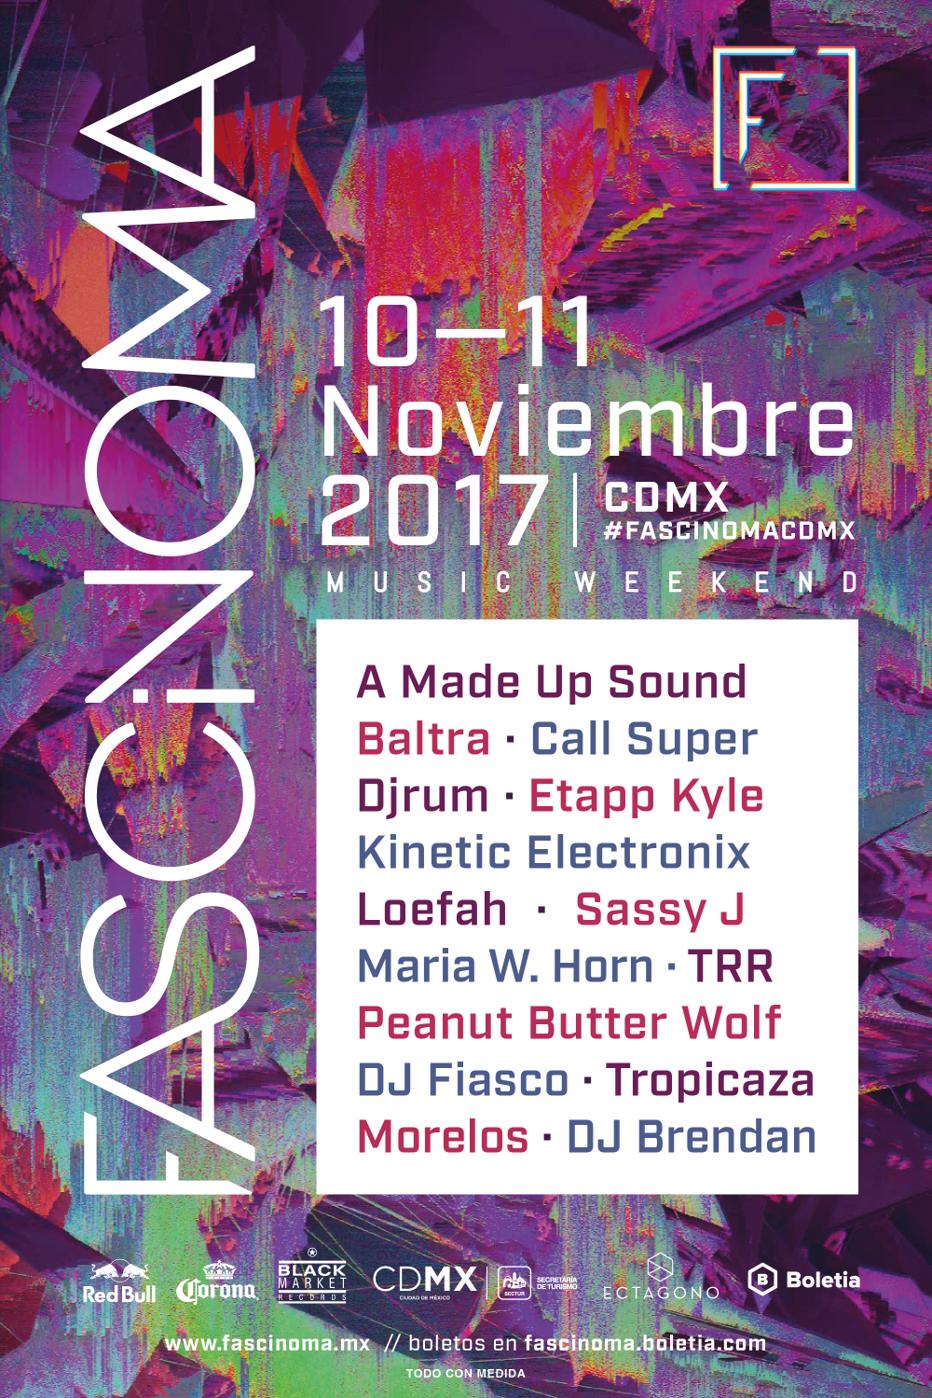 FASCINOMA : NOVEMBER 10-11, 2017 | CDMX